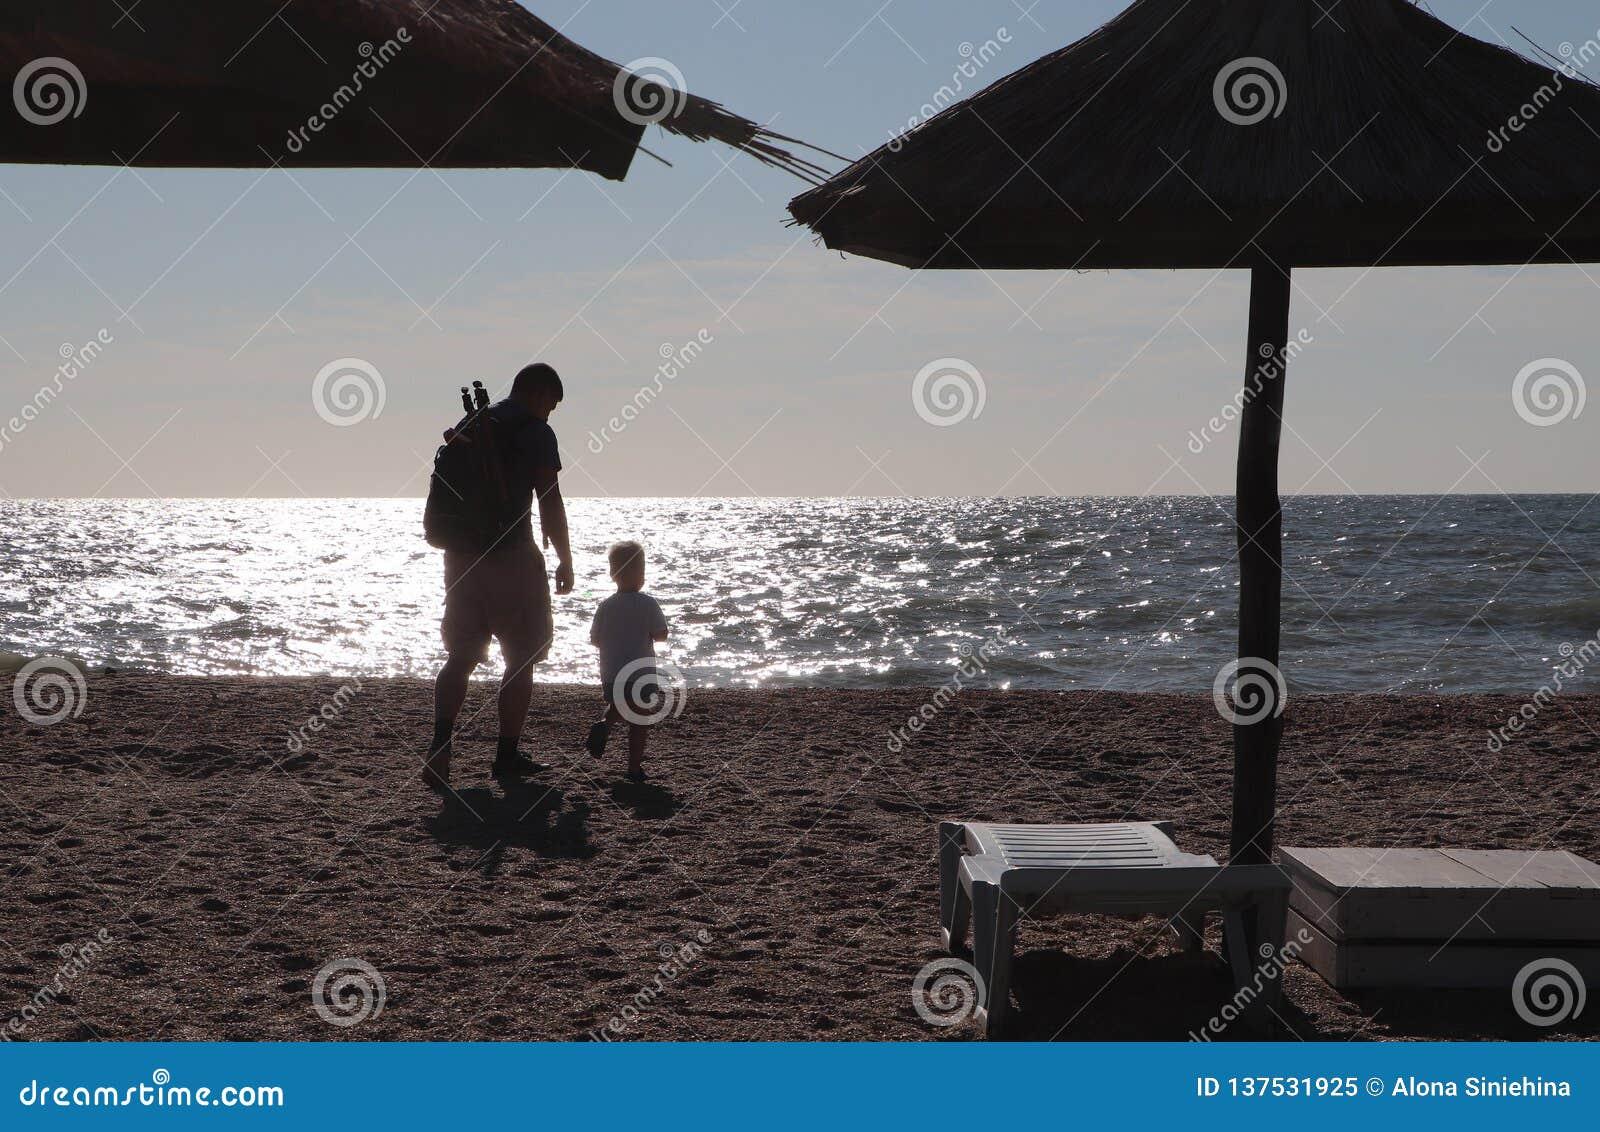 Παιχνίδι πατέρων και αγοριών στην παραλία στο χρόνο ηλιοβασιλέματος, έννοια της φιλικής οικογένειας